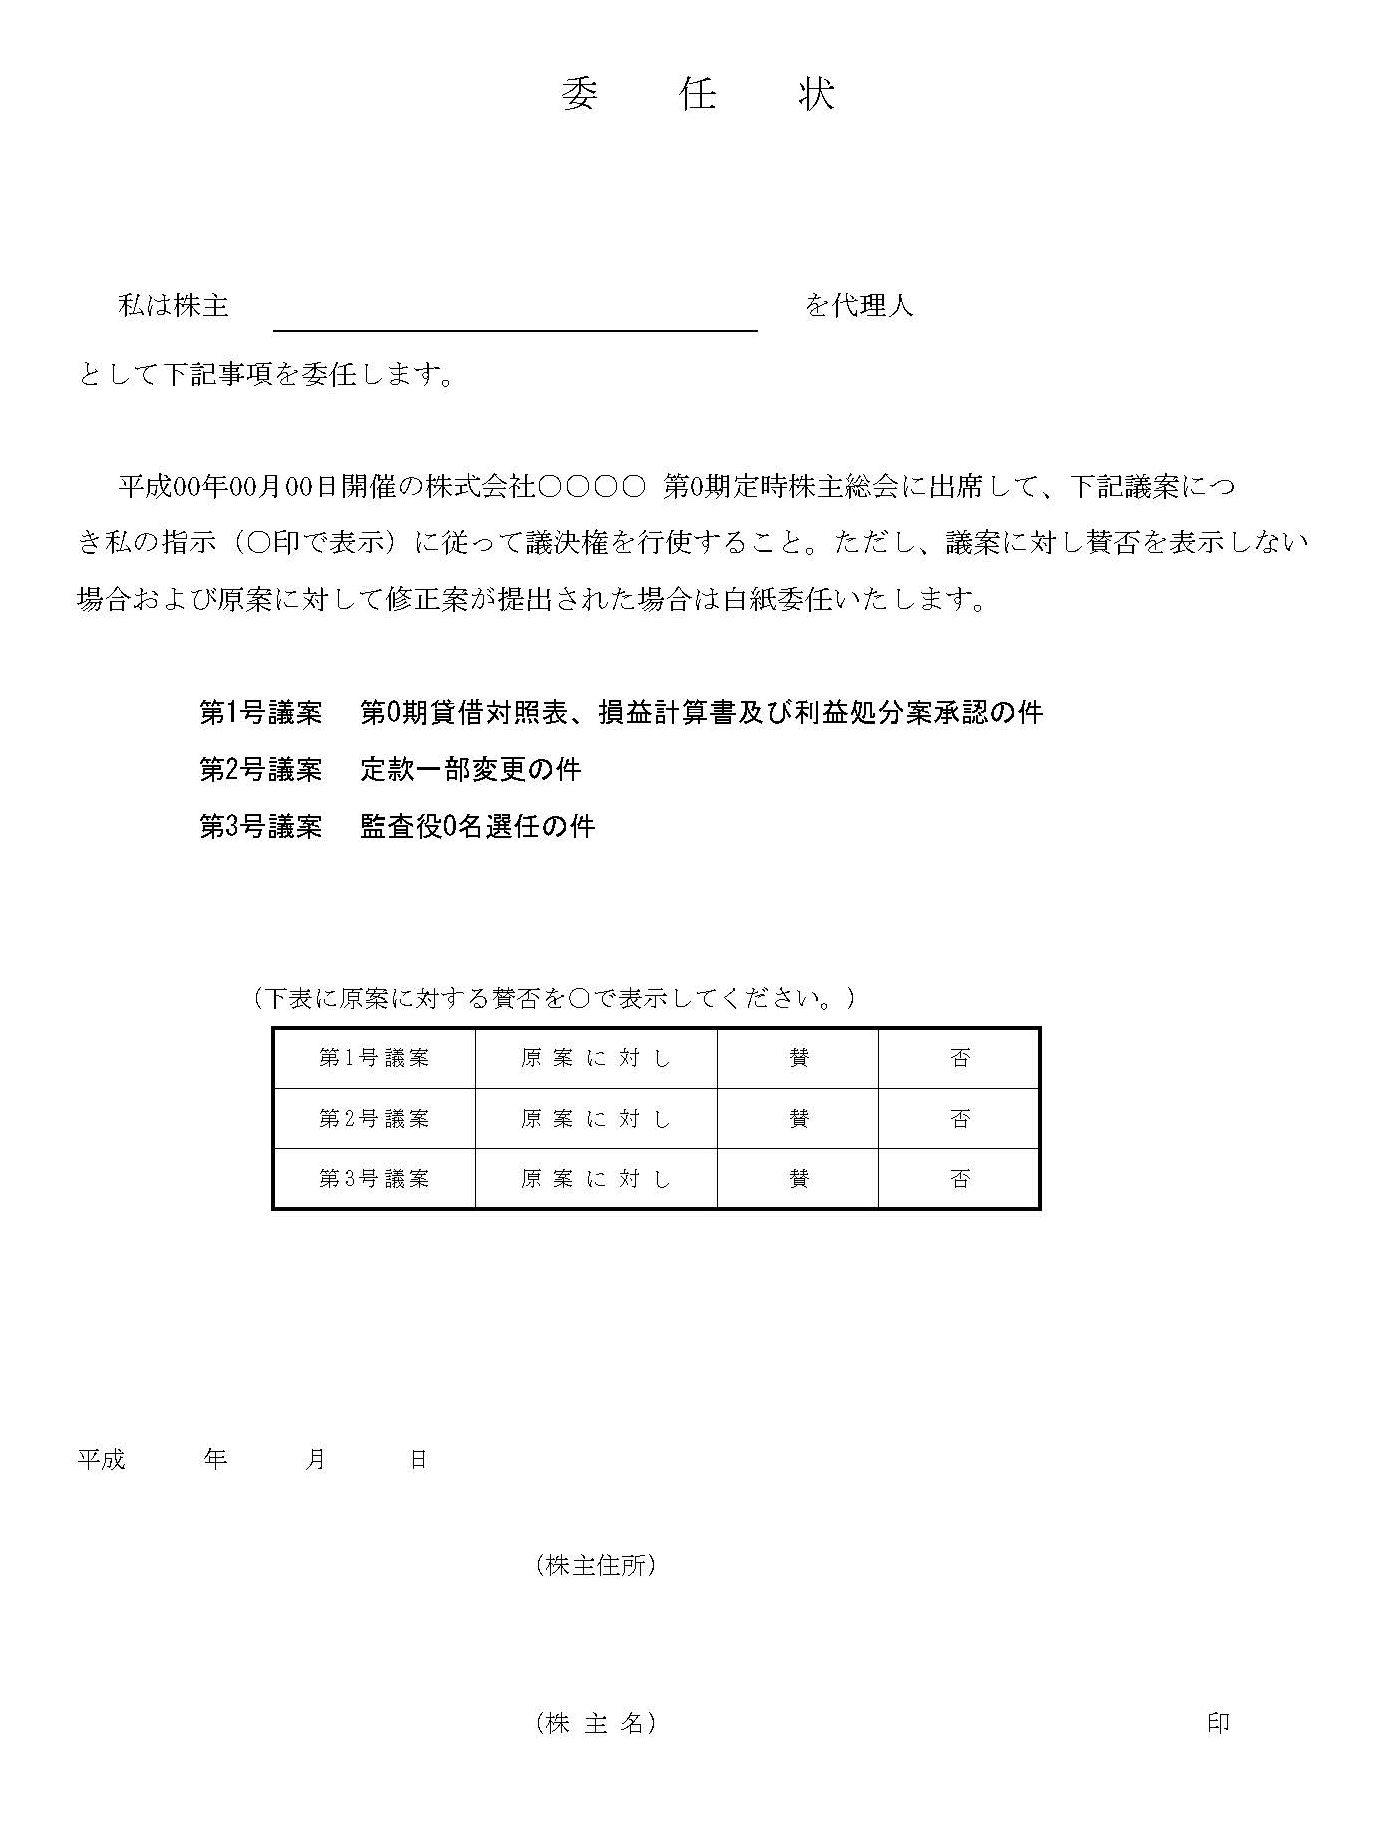 会員登録不要で無料でダウンロードできる委任状(議決権代理行使)3のテンプレート書式